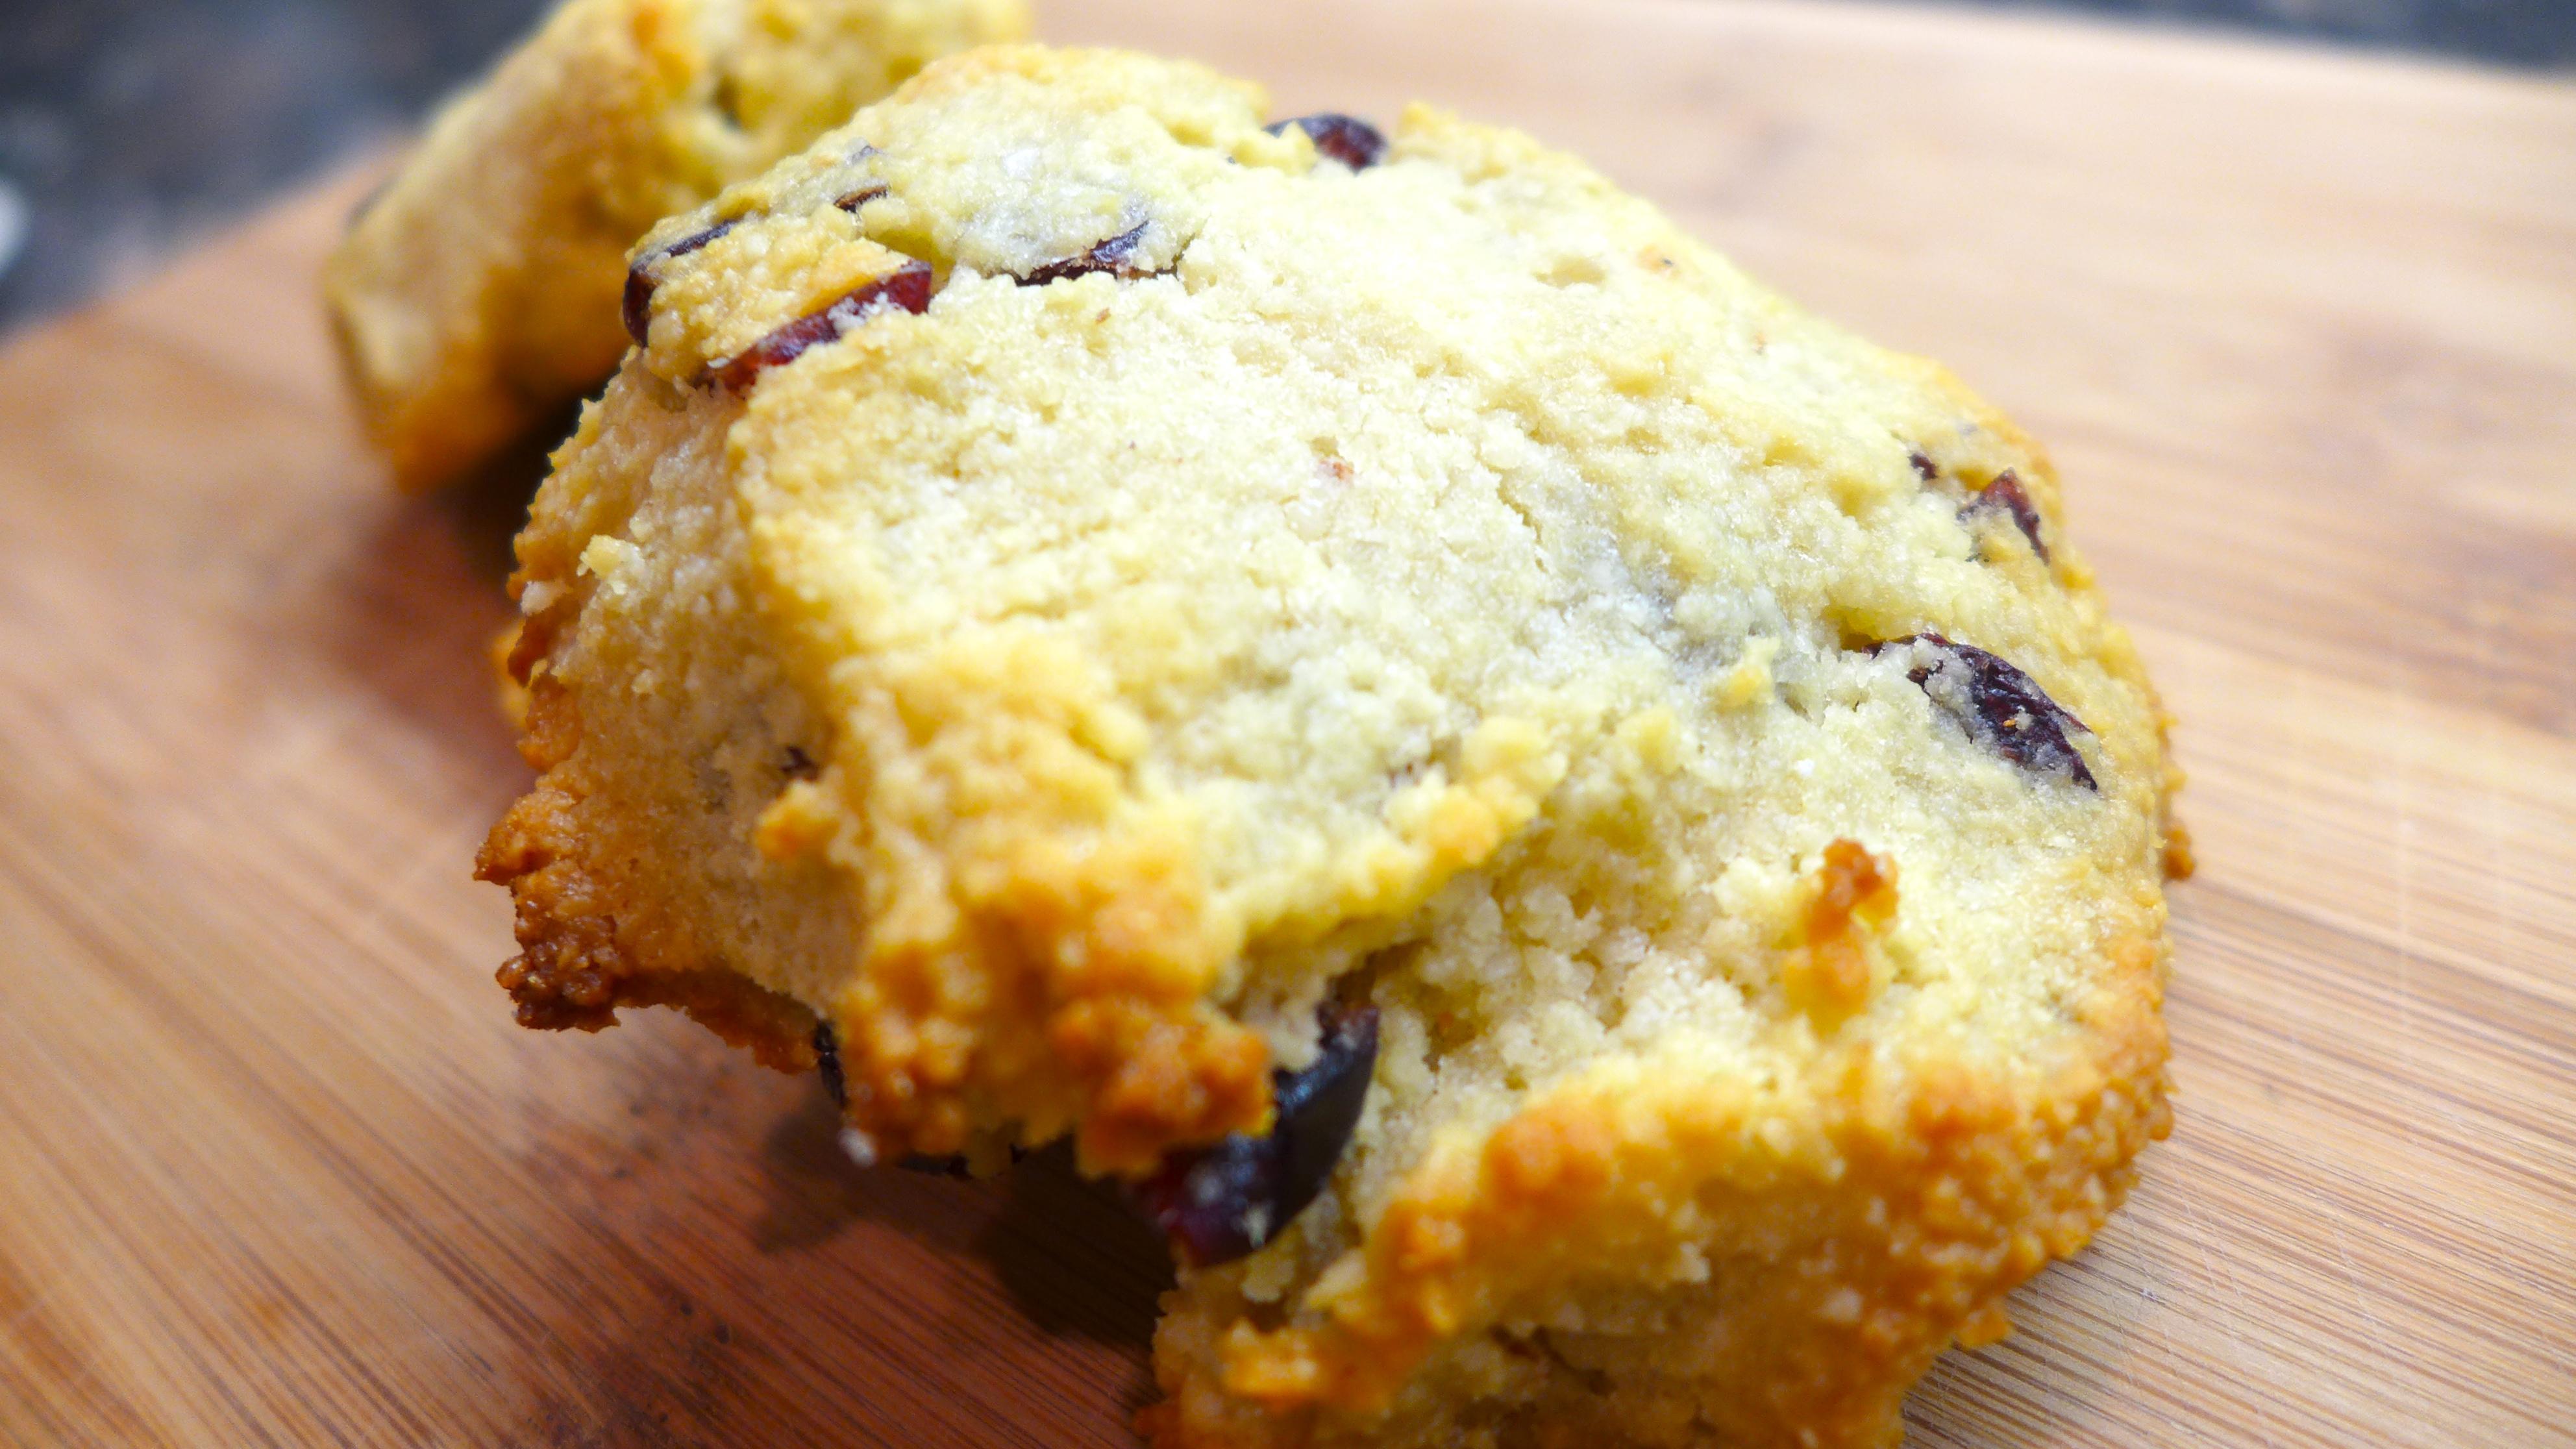 Basic almond flour scone